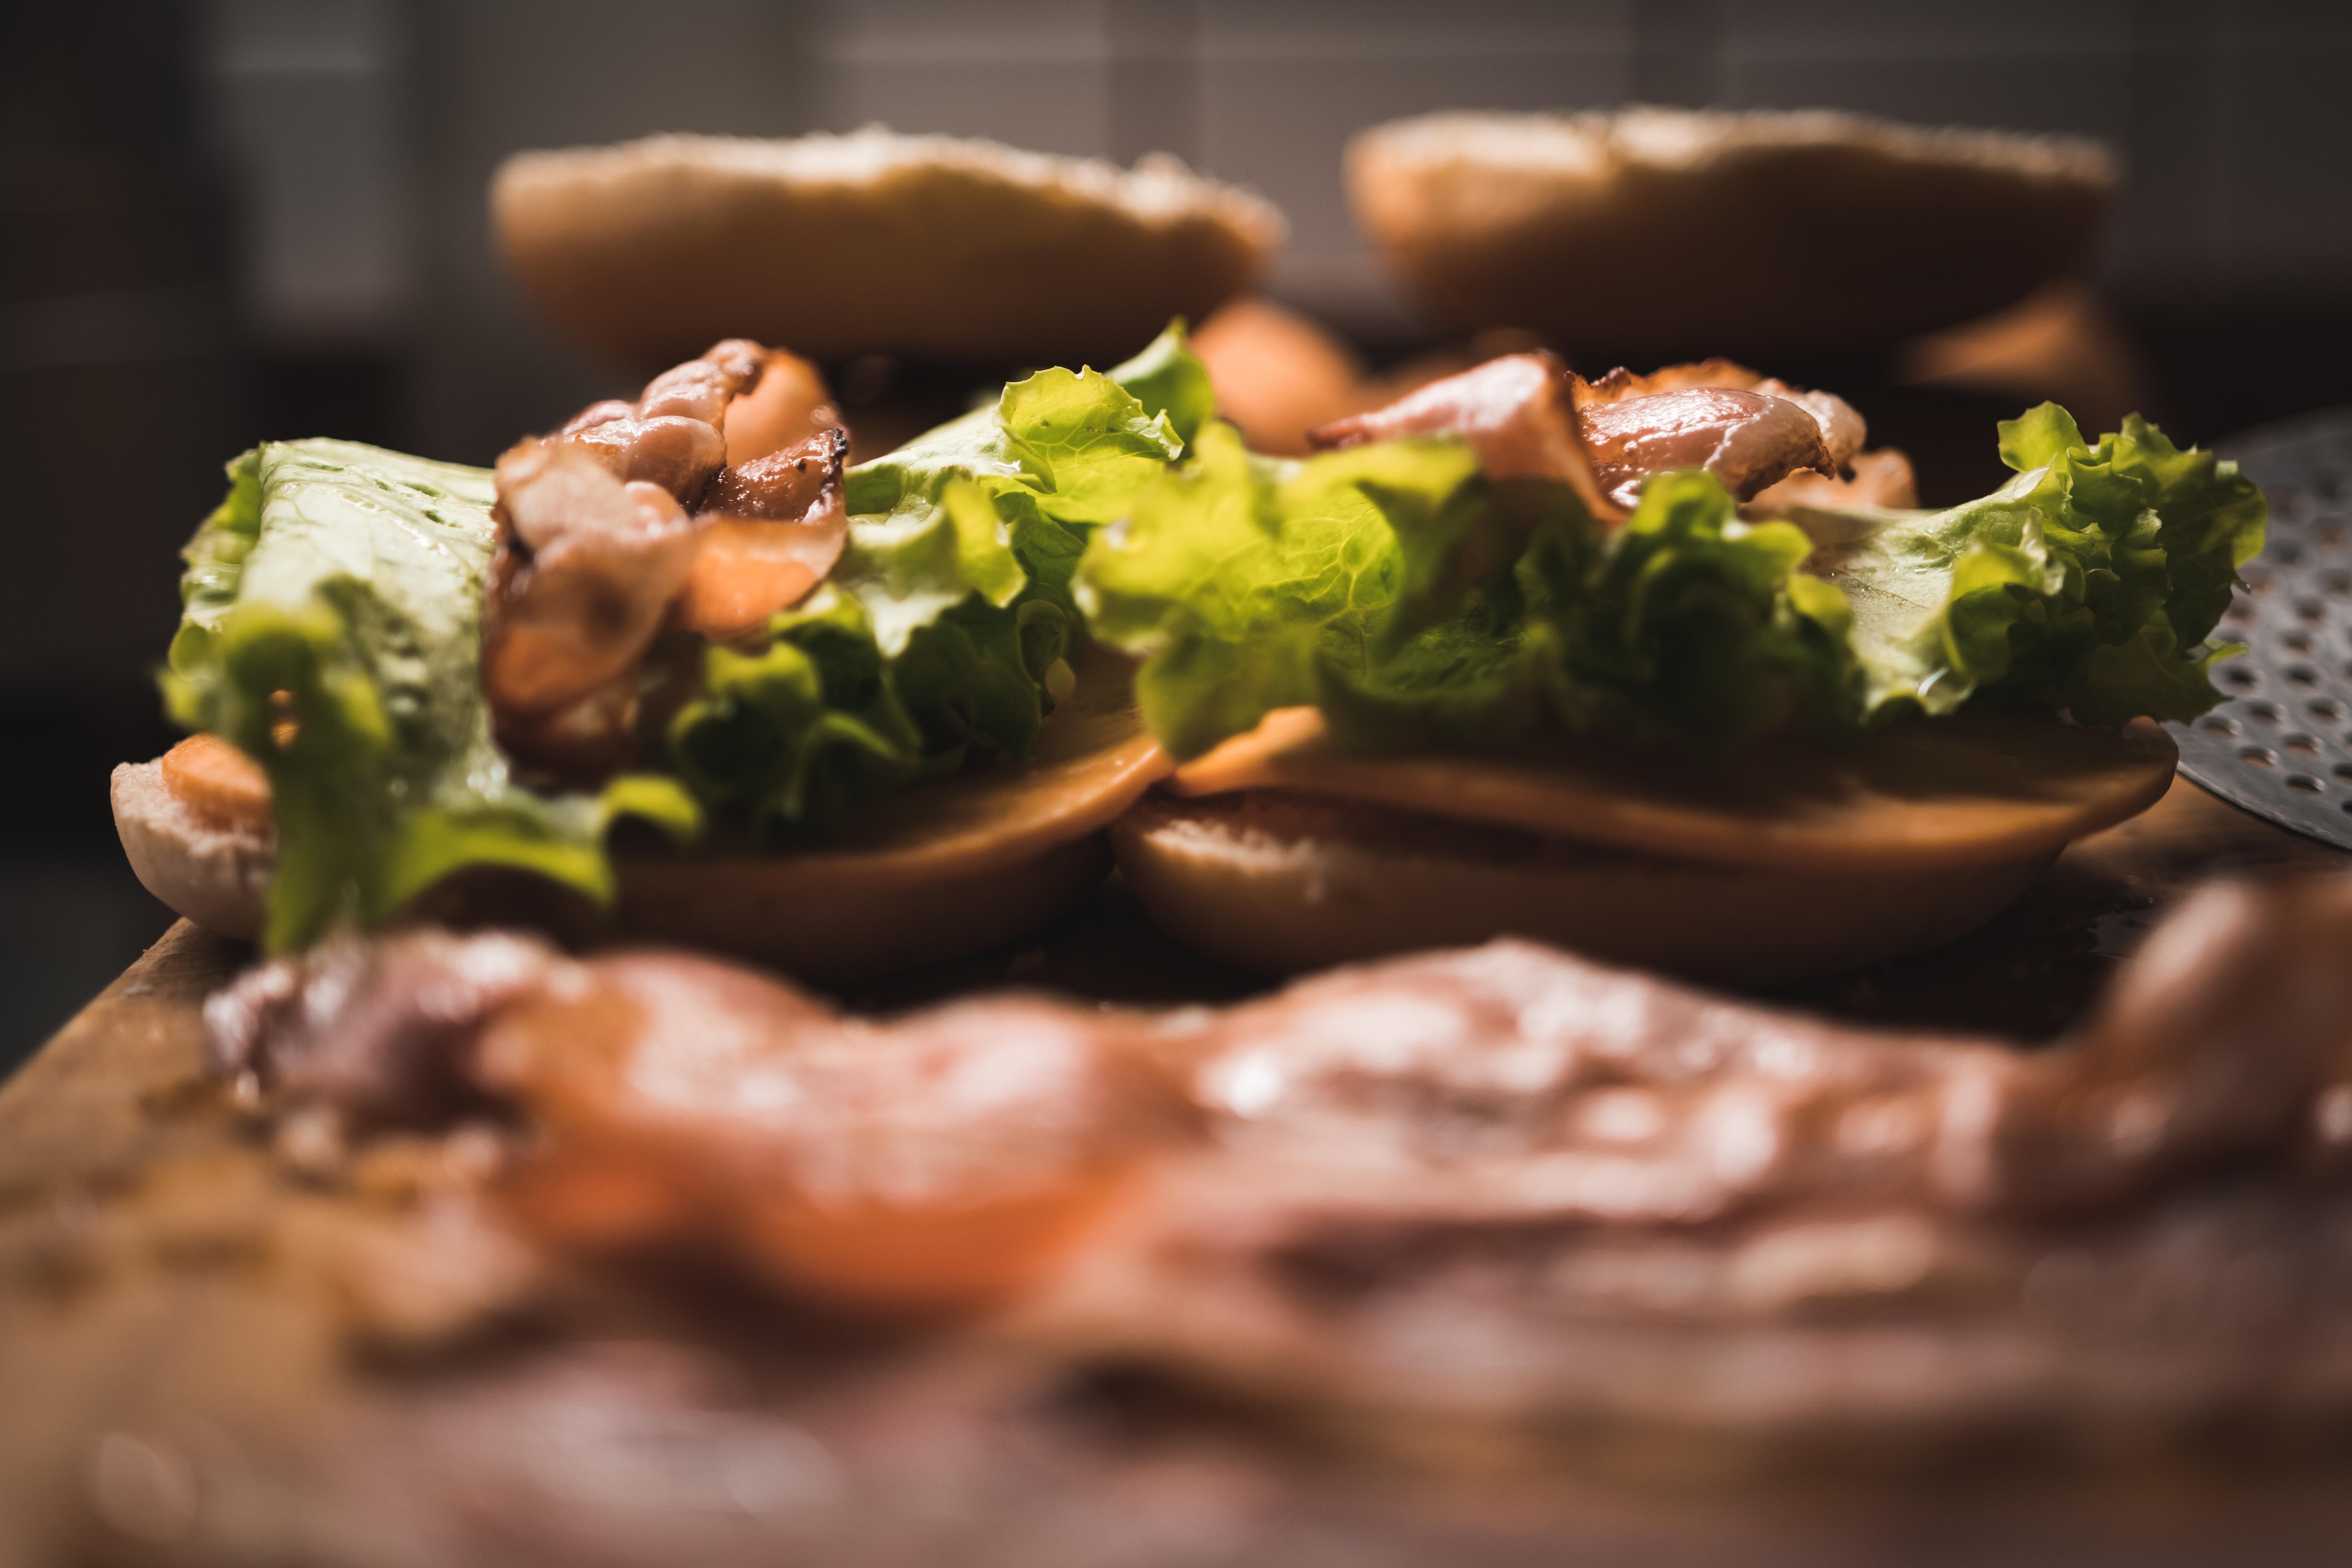 Images Gratuites Fait Maison Burger Plat Aliments Nourriture A Manger Avec Les Doigts Cuisine Sandwich Recette 5410x3607 Rodrigorazquin 1432355 Banque D Image Gratuite Pxhere